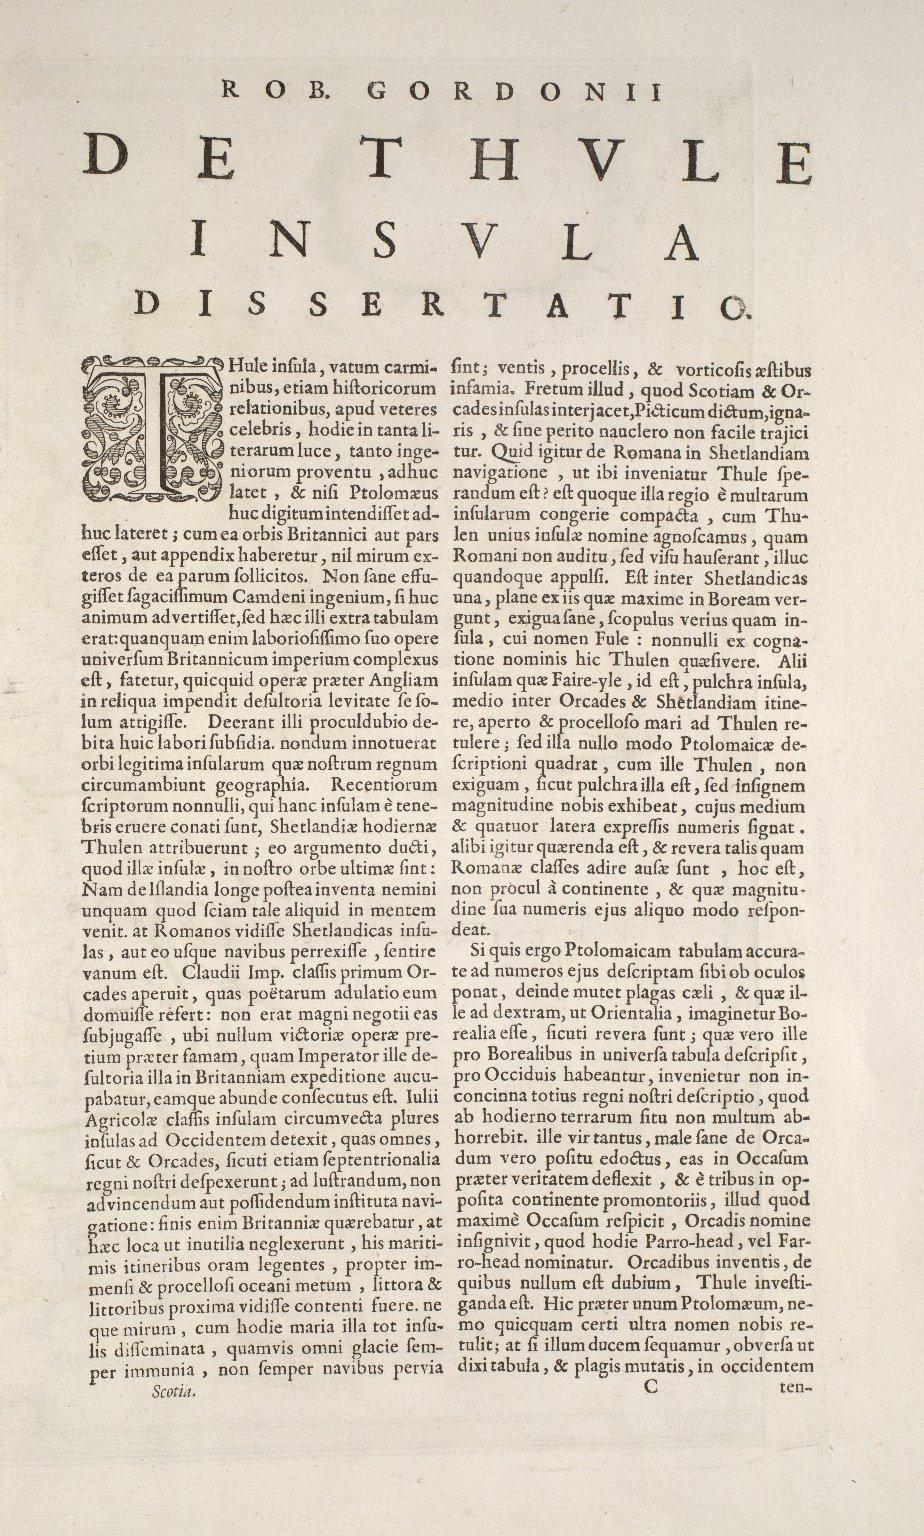 Insululae Albion et Hibernia cum minoribus adjacentibus [2 of 3]